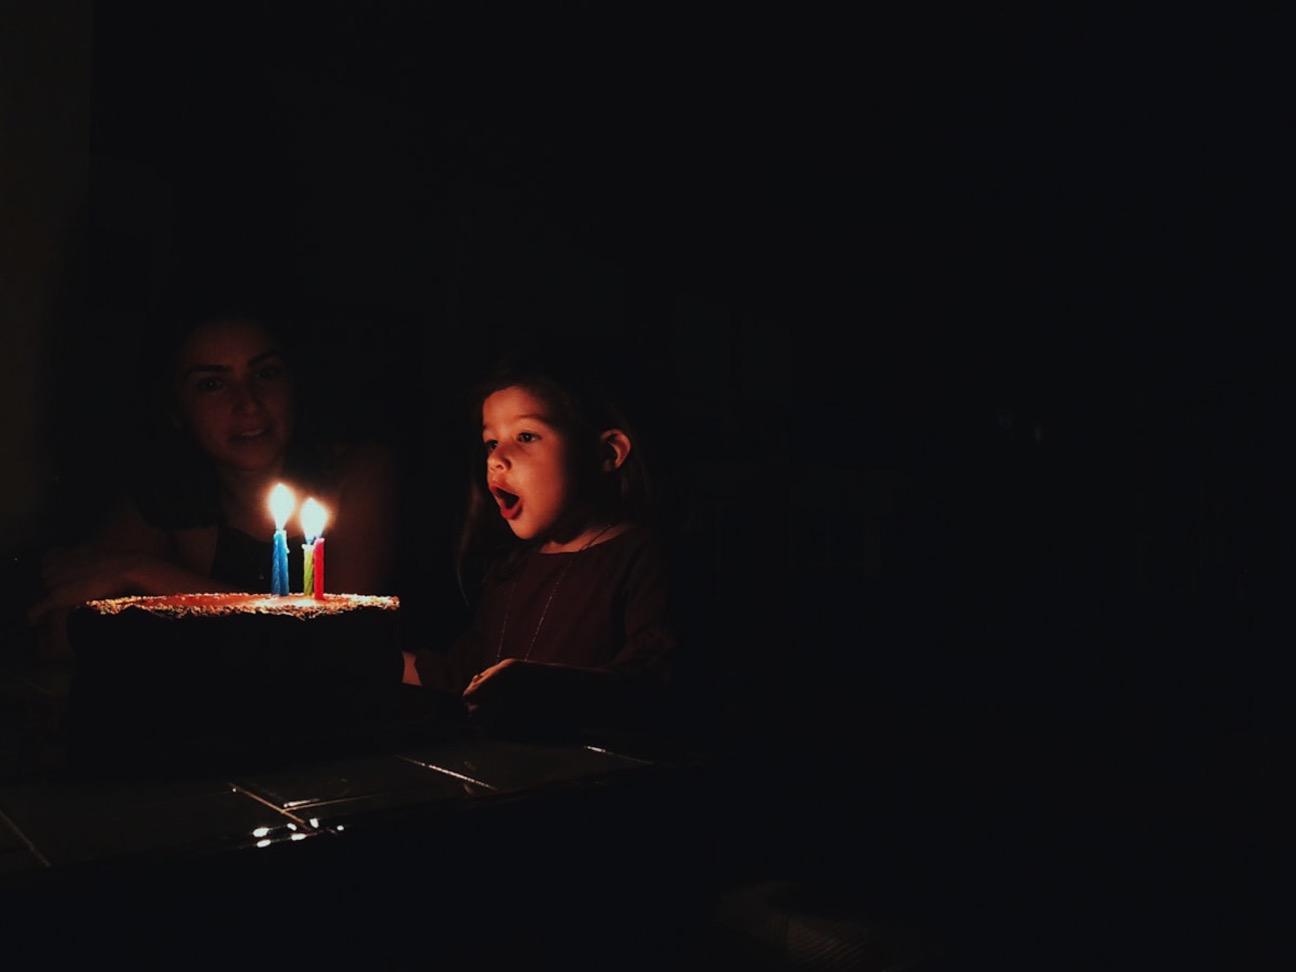 Foto compleanno perfetta 02